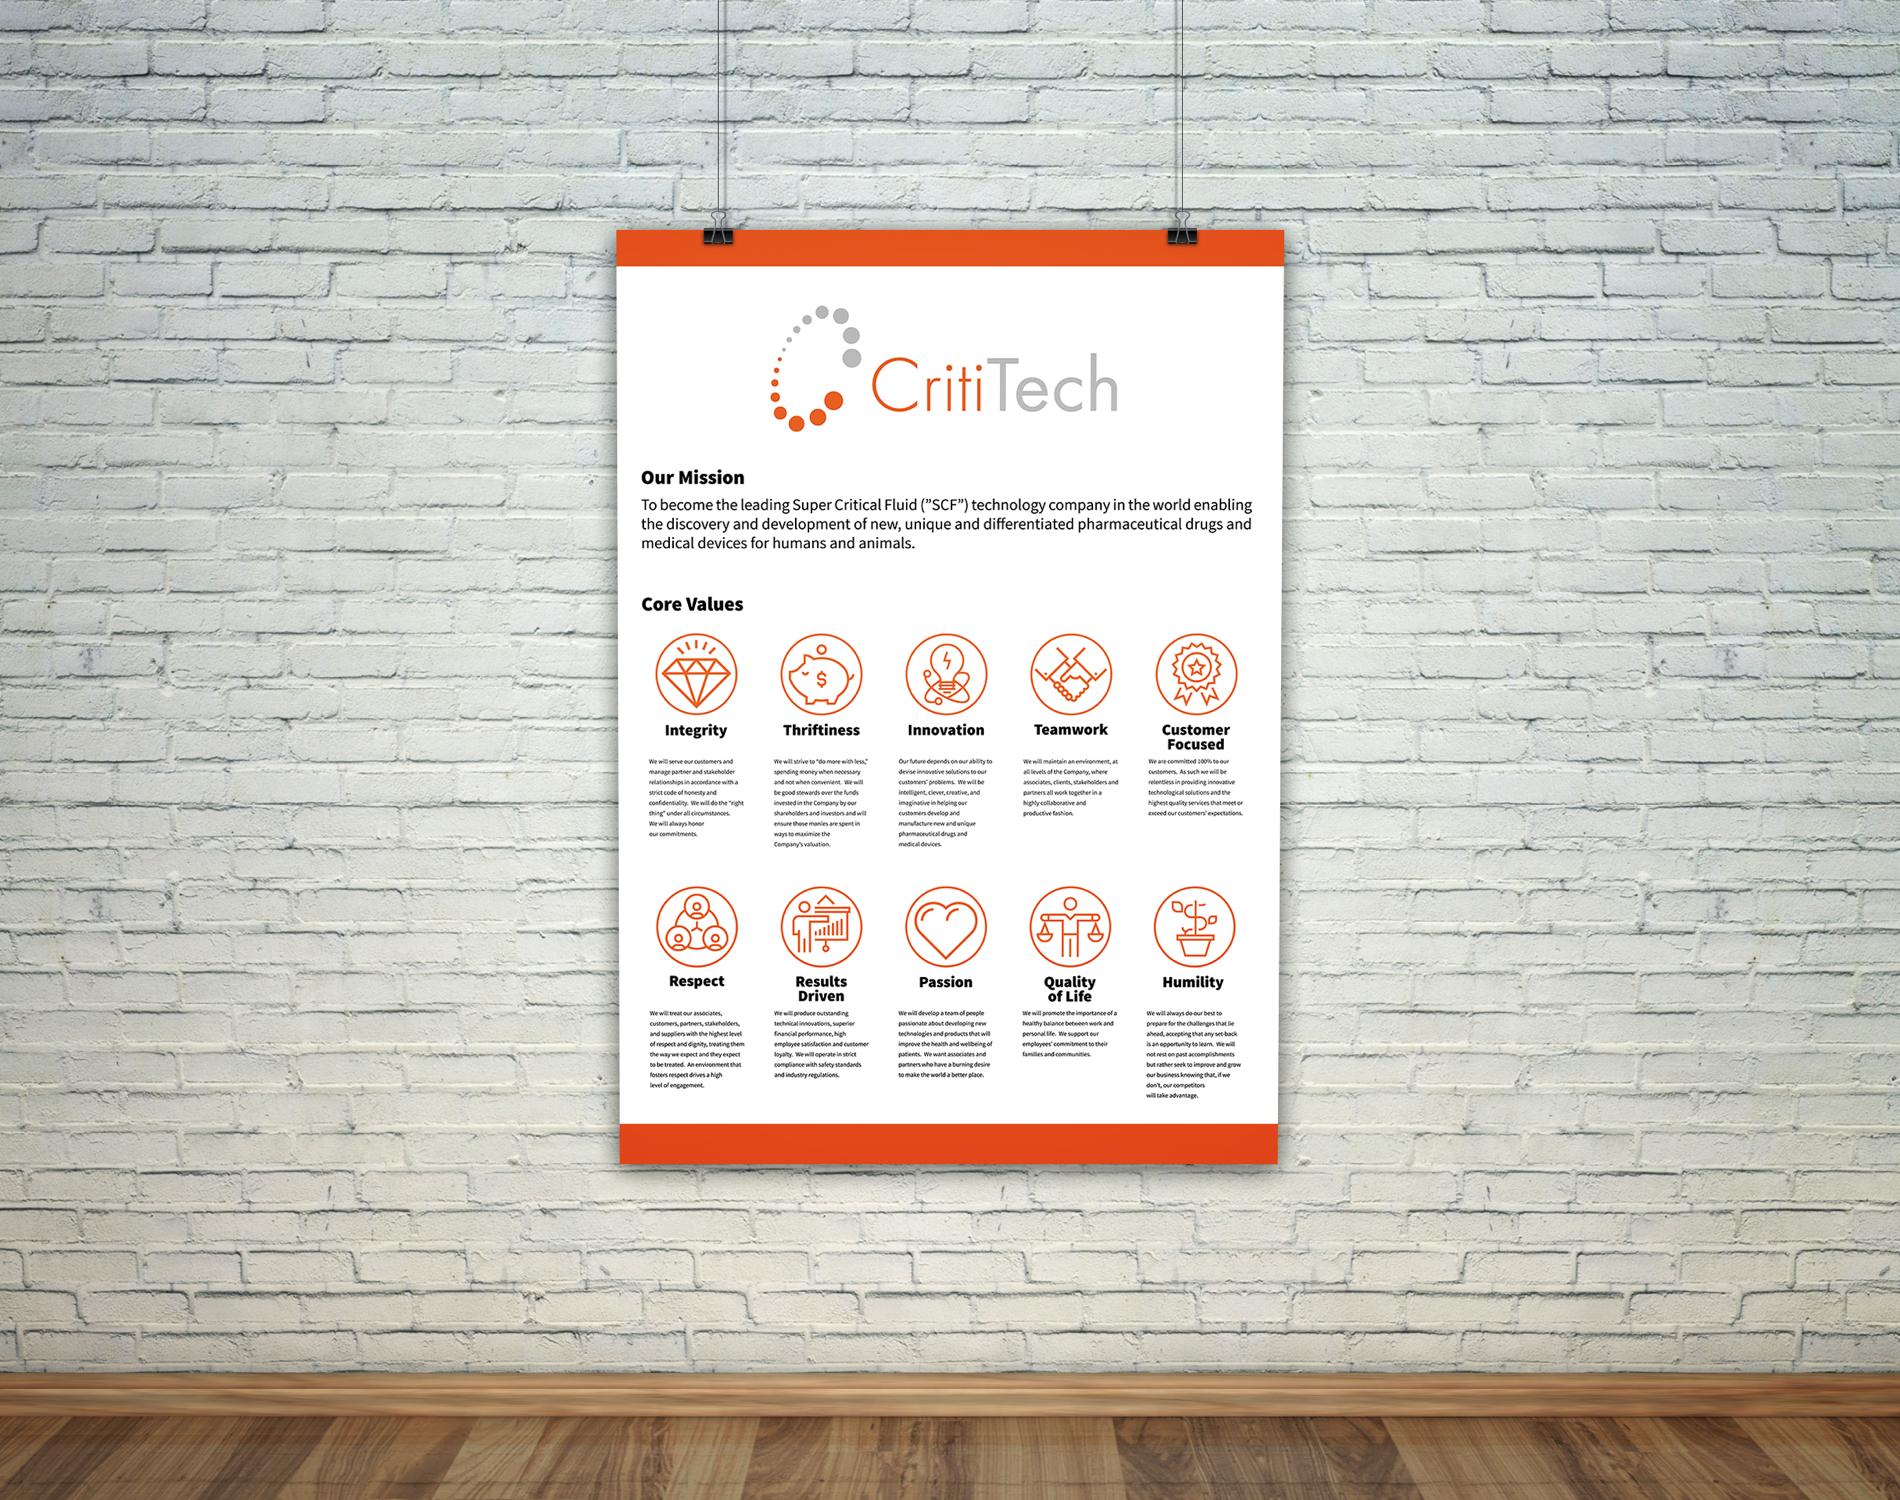 crititech-poster-mockup